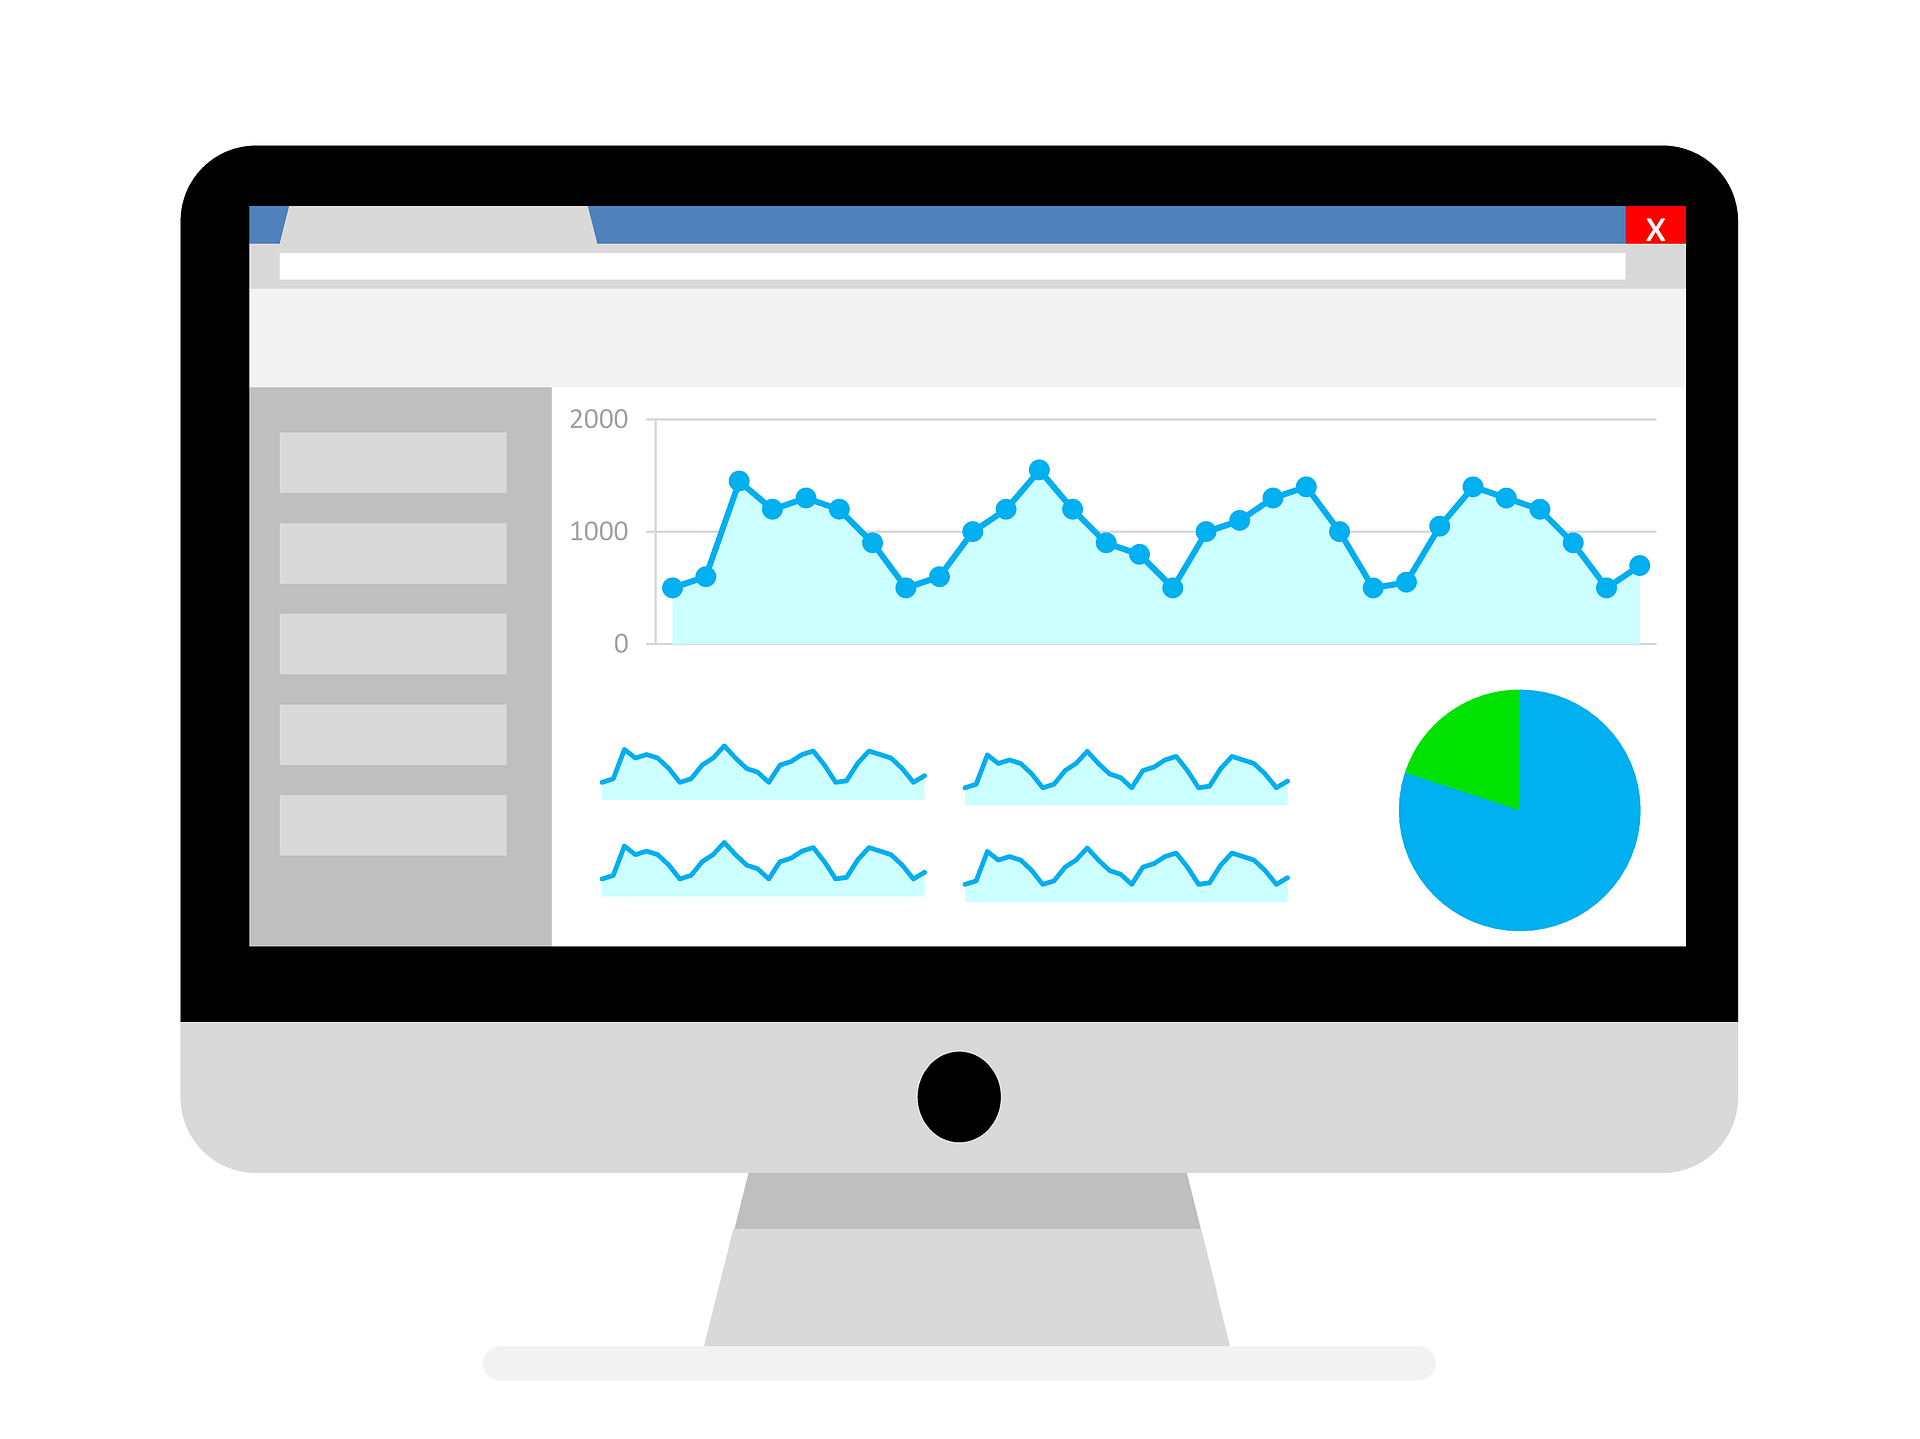 5 Ways to Increase Website Views